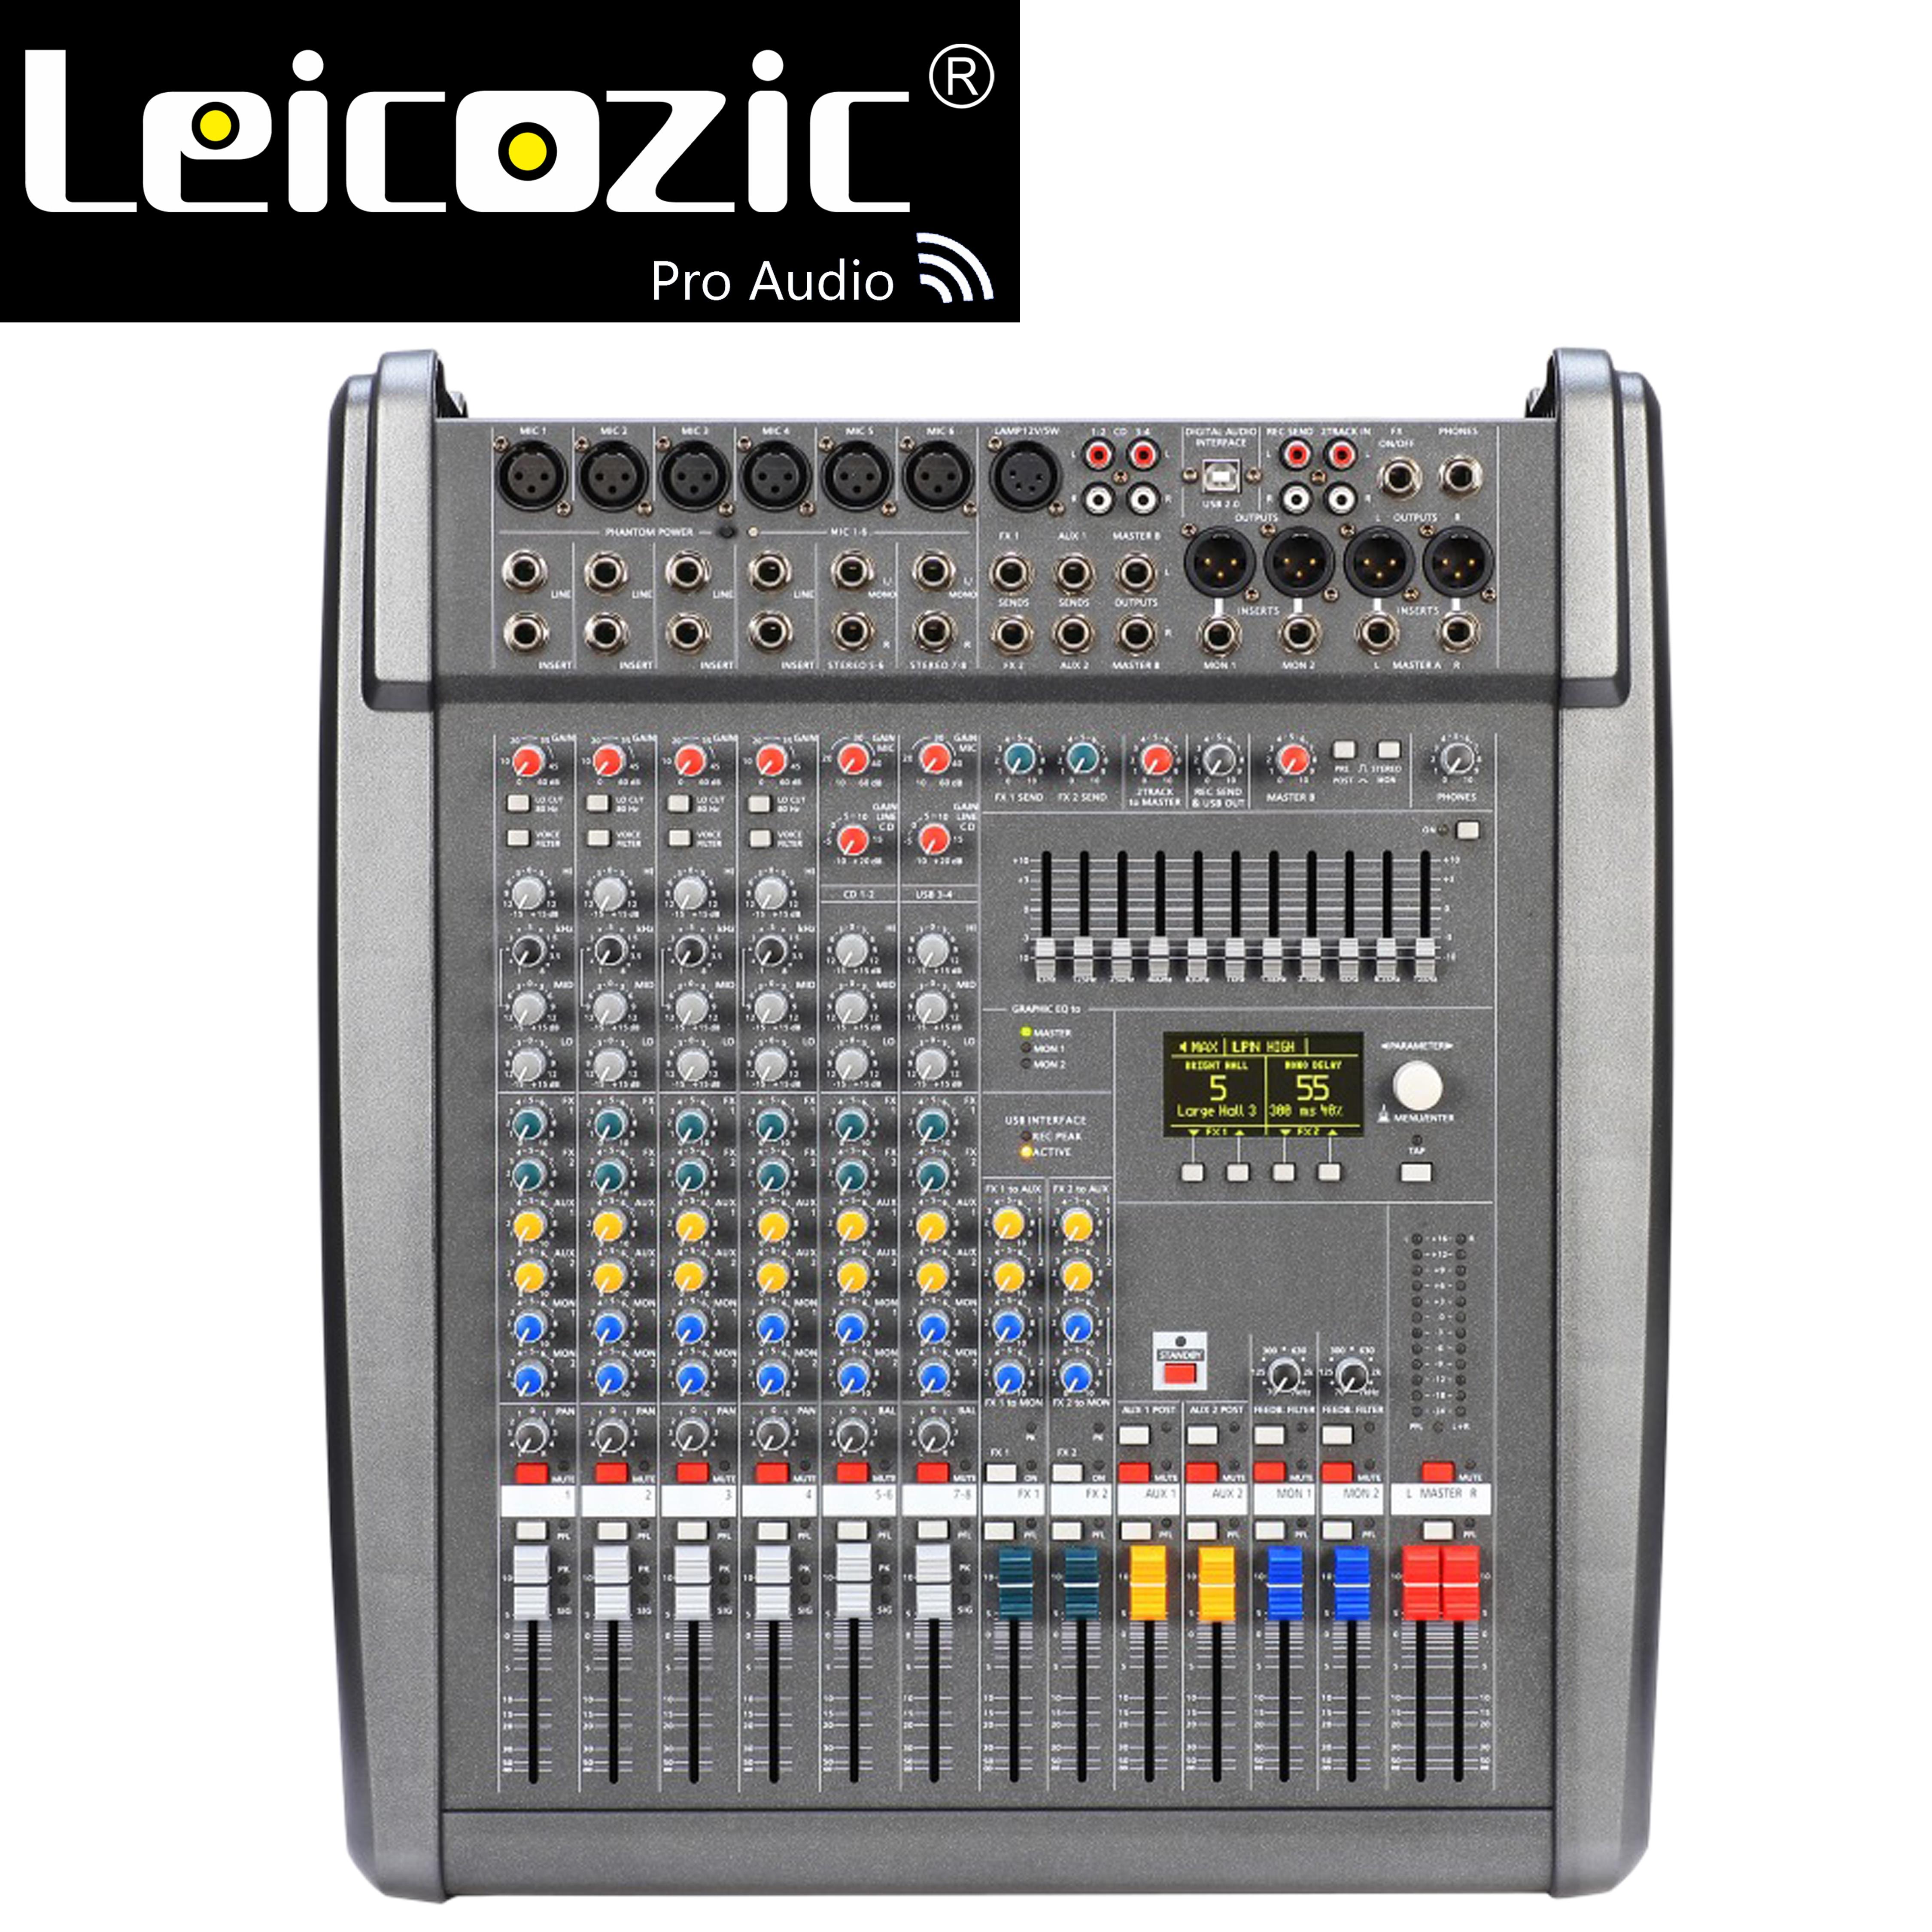 Leicozic PM600-3 zasilany mikser konsola 1000W * 2 4 ohm zasilany mikser audio profesjonalne 8-kanał konsola miksująca Powermate